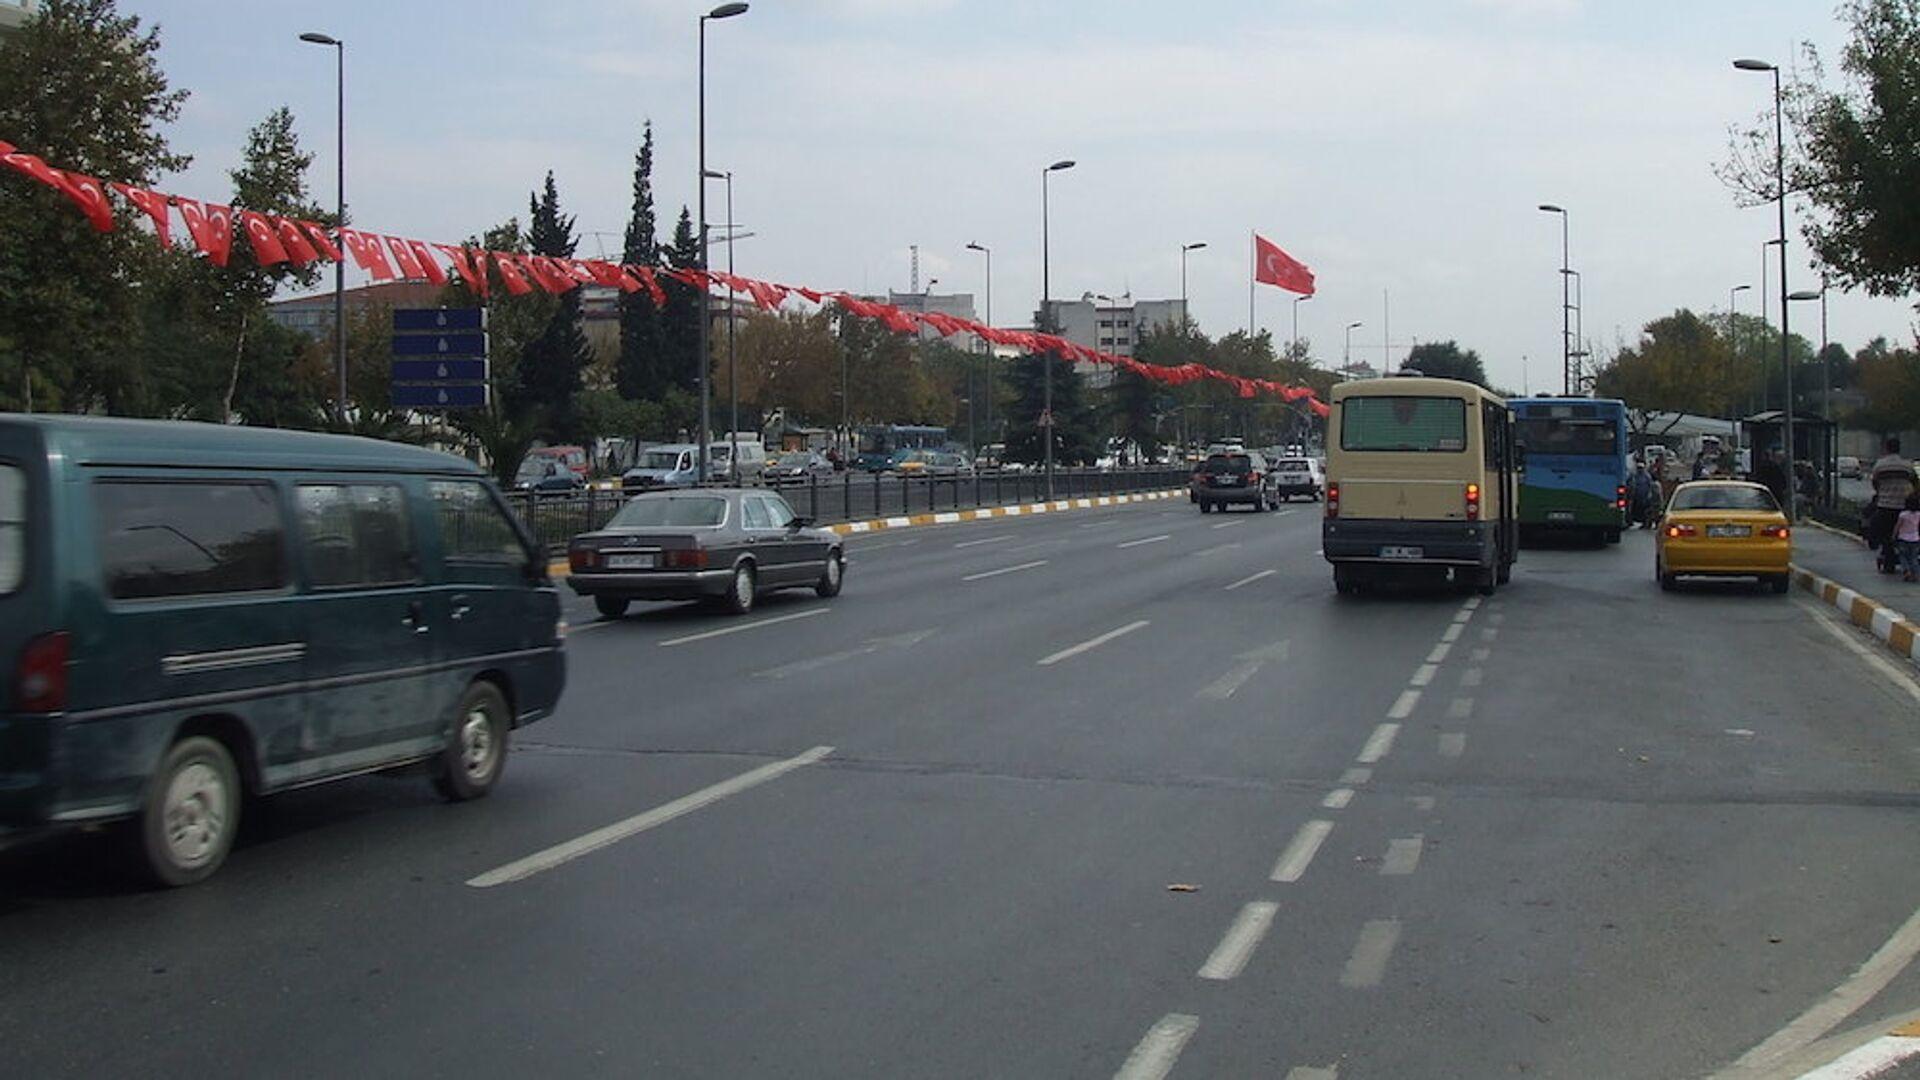 Vatan Caddesi - Sputnik Türkiye, 1920, 30.08.2021